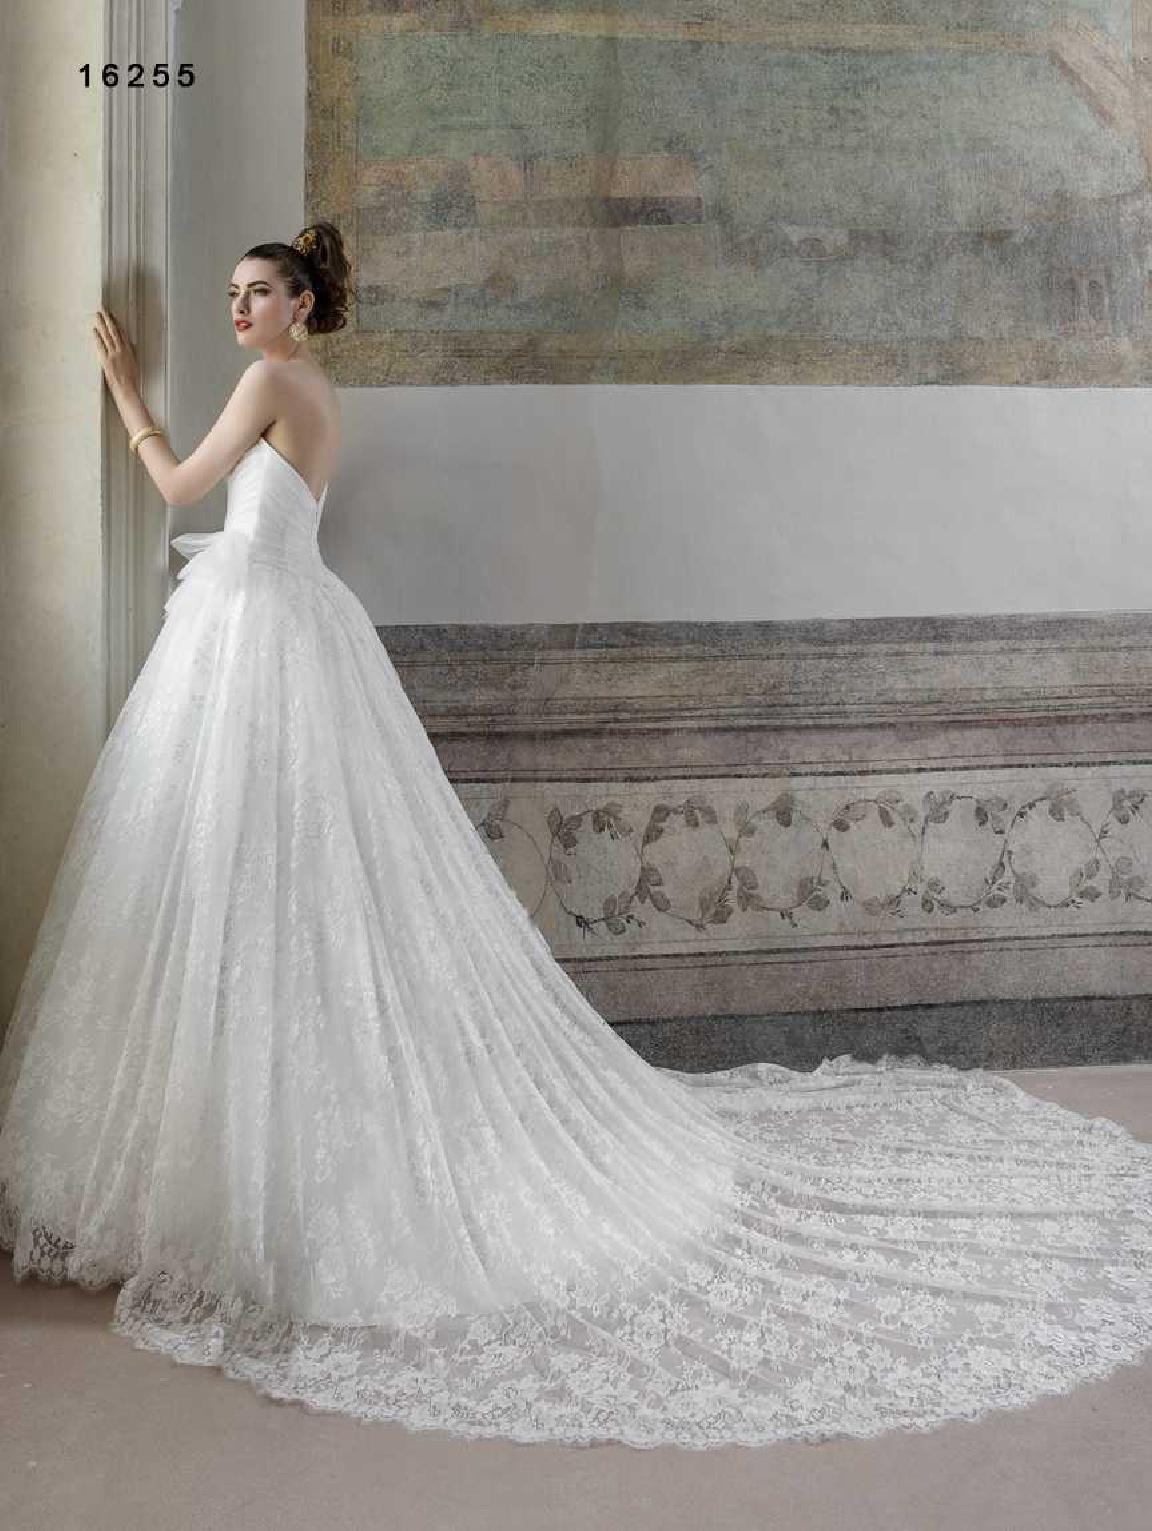 vinni-collezione-2017-abiti-sposa-53  ABITI DA SPOSA